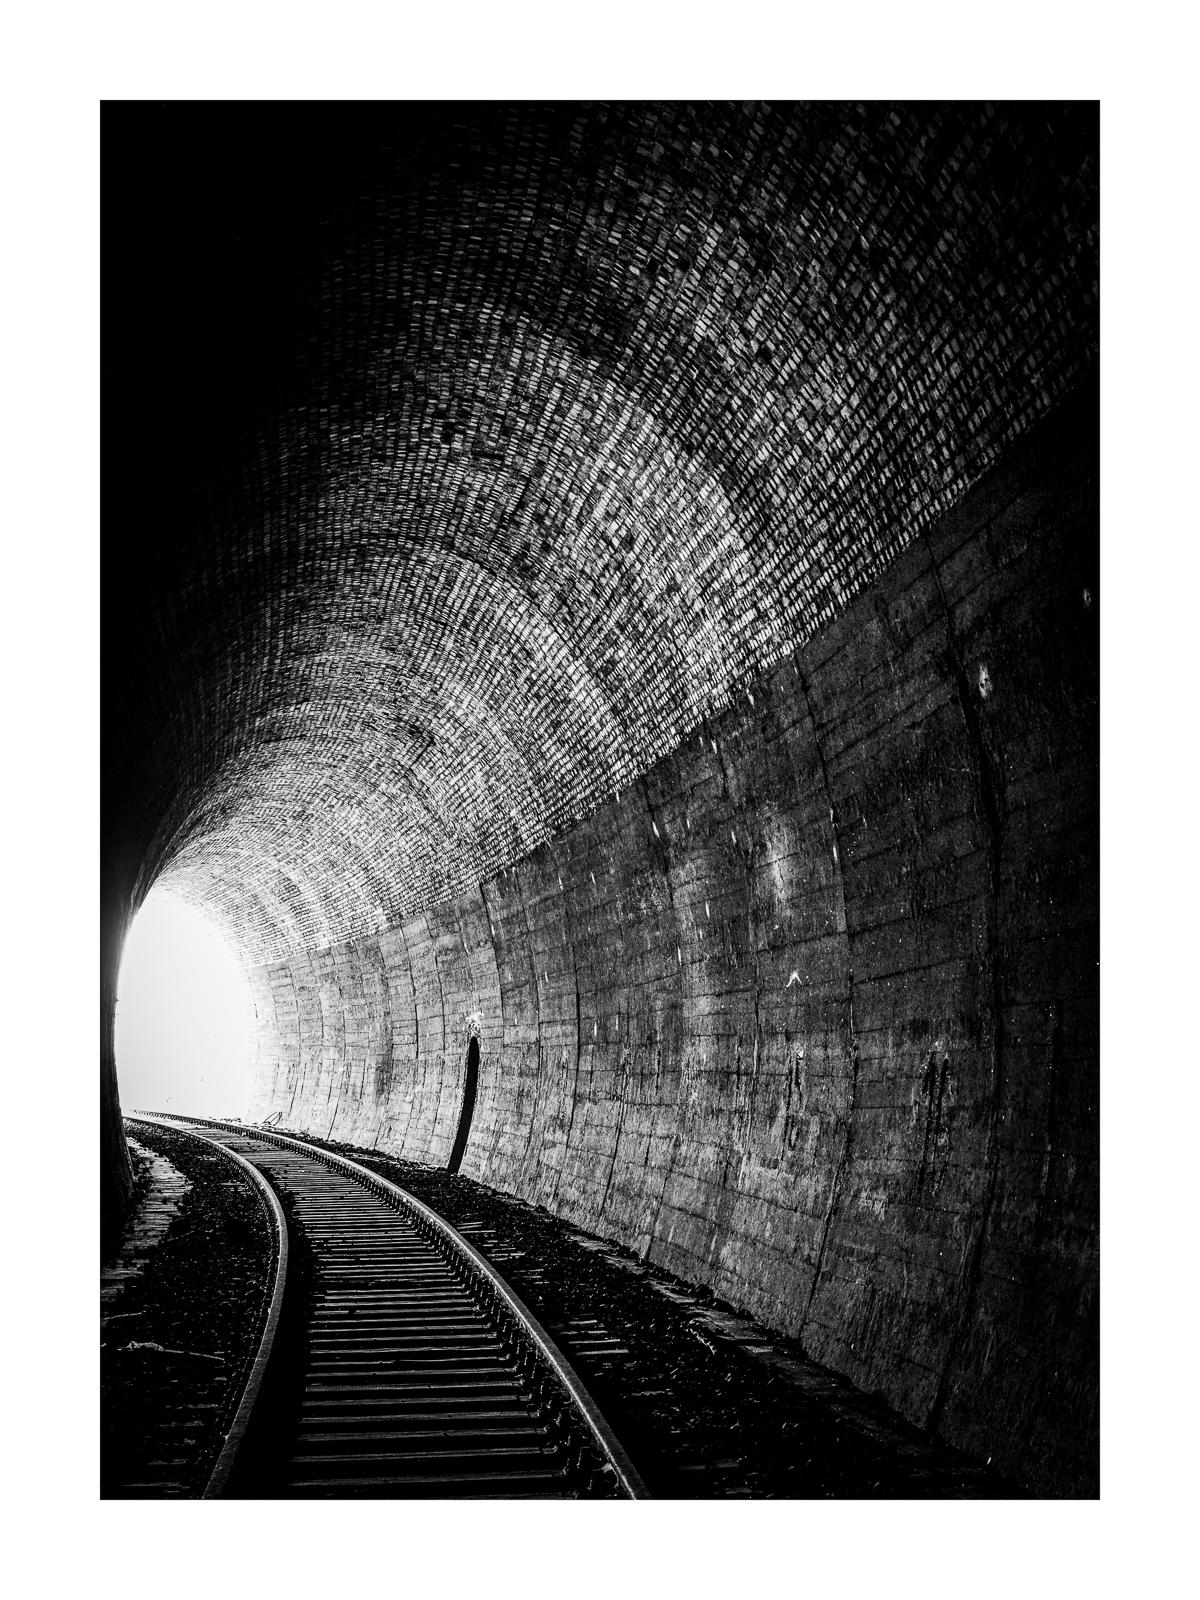 Stempelkopftunnel, Ostportal